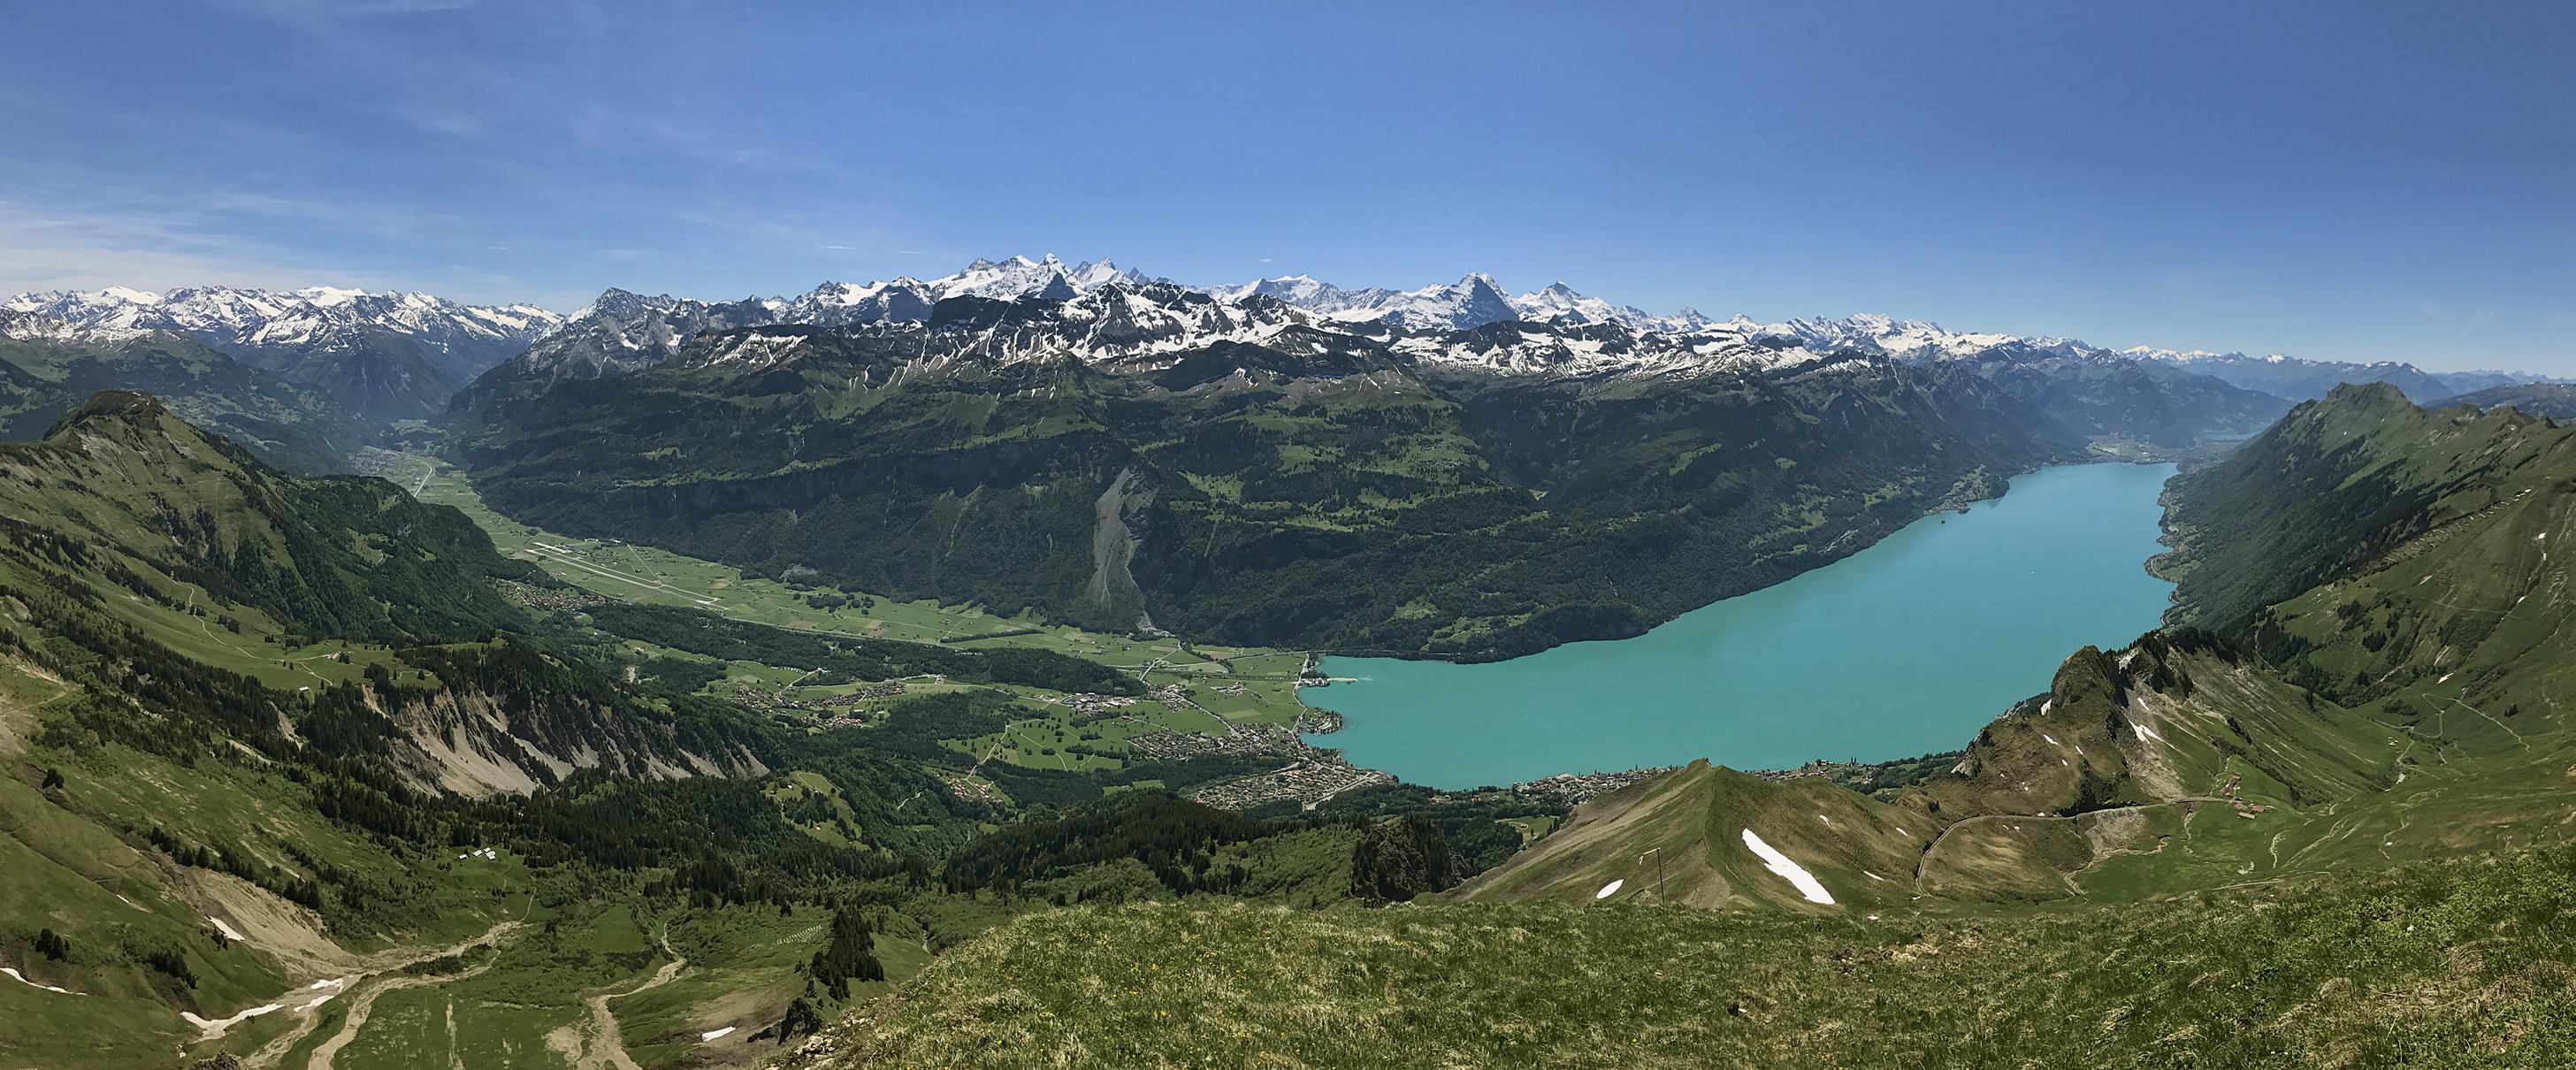 Sur les traces de l epoque glaciaire glaciers - Lac de brienz ...